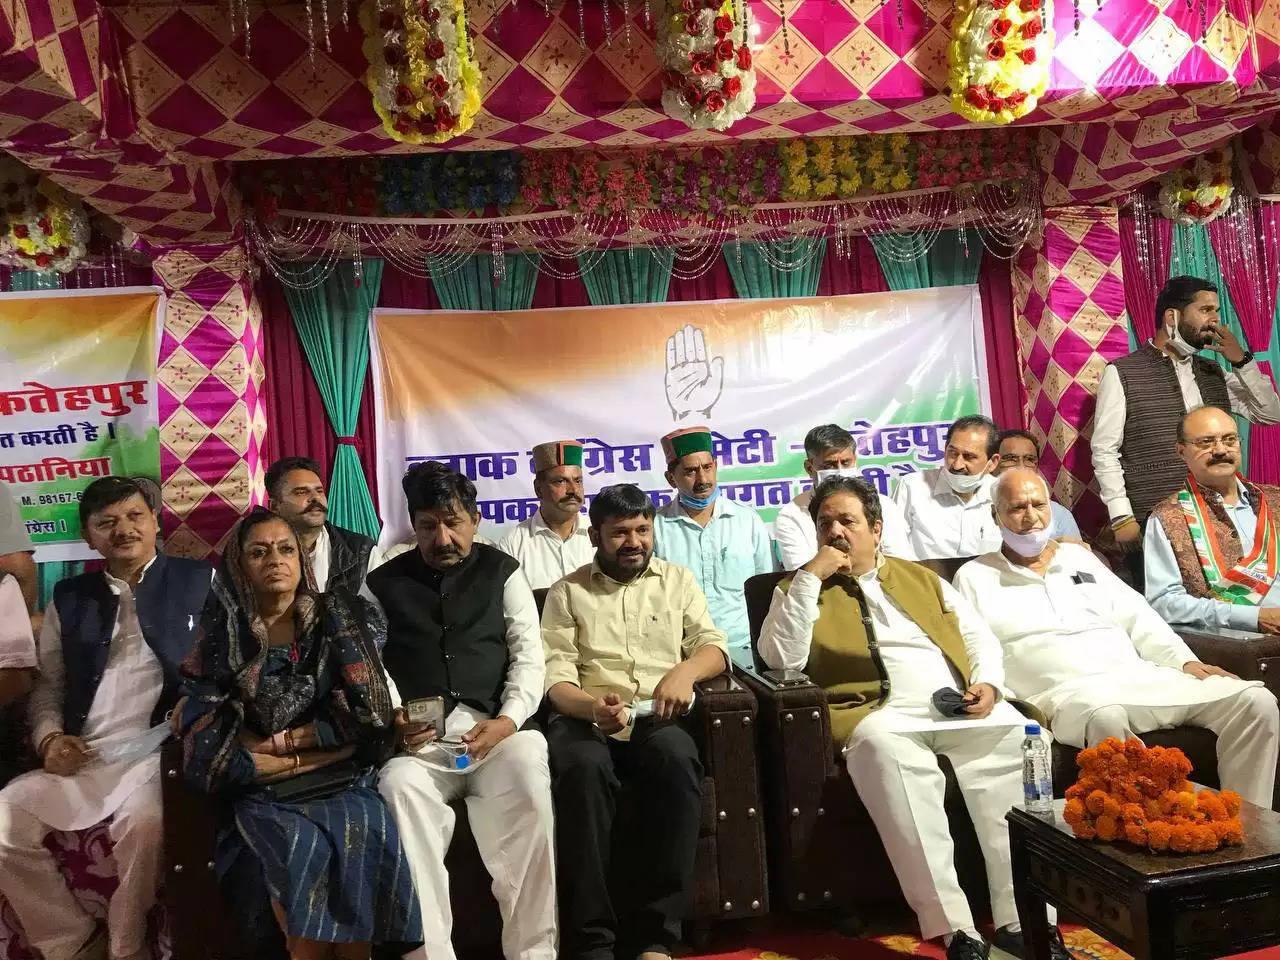 kanhaiya kumar कन्हैया कुमार कांग्रेस स्टार प्रचारक